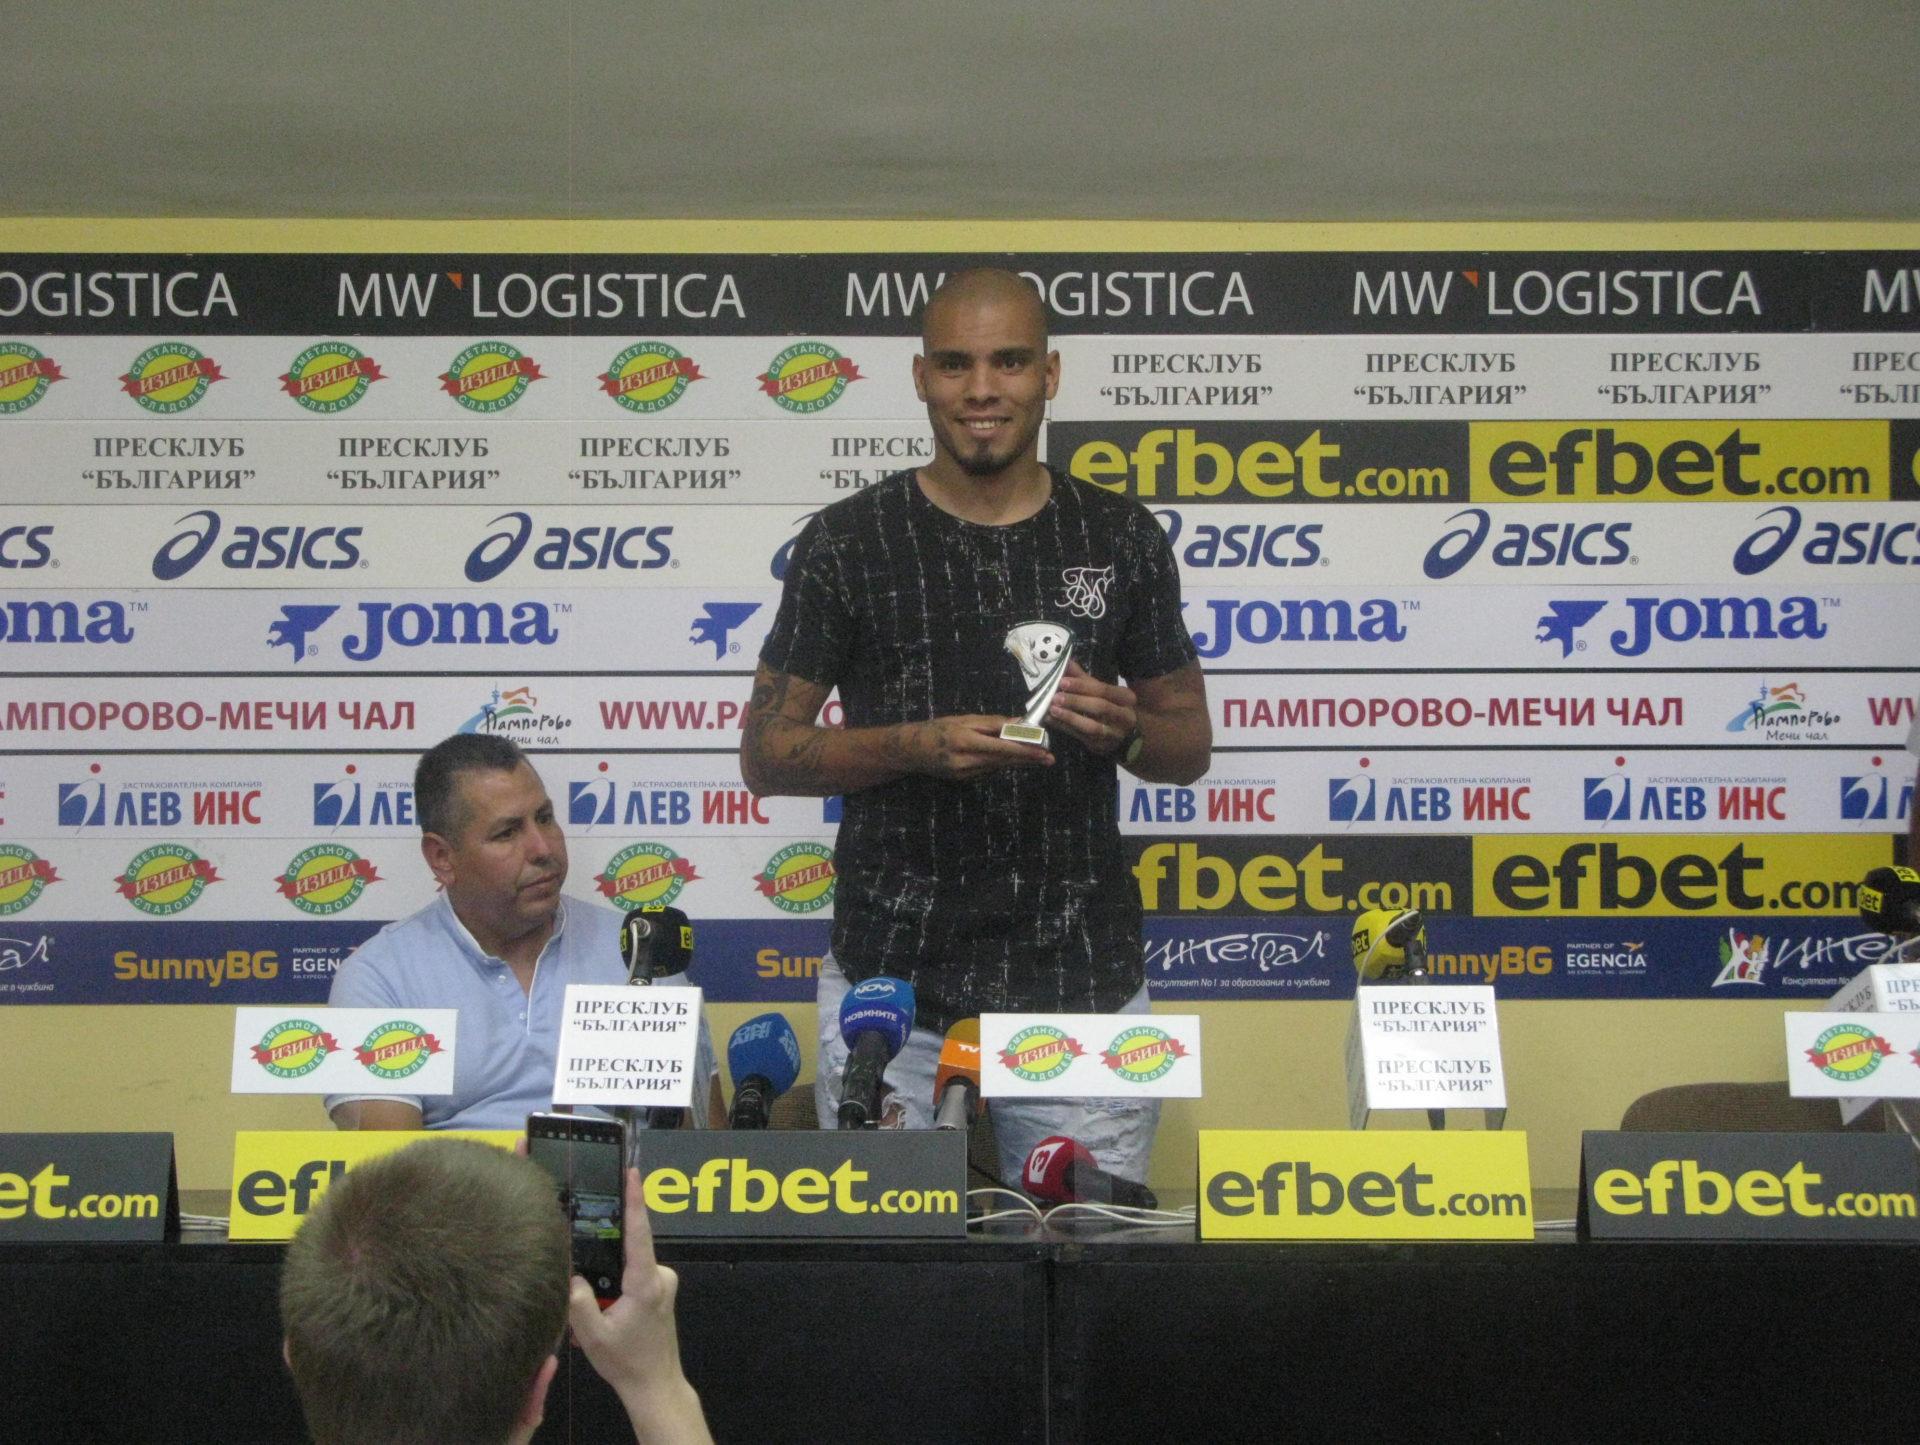 """Мауридес: """"Ако зависи от мен, много често ще идвам тук за да получавам наградата """"Играч на кръга"""""""